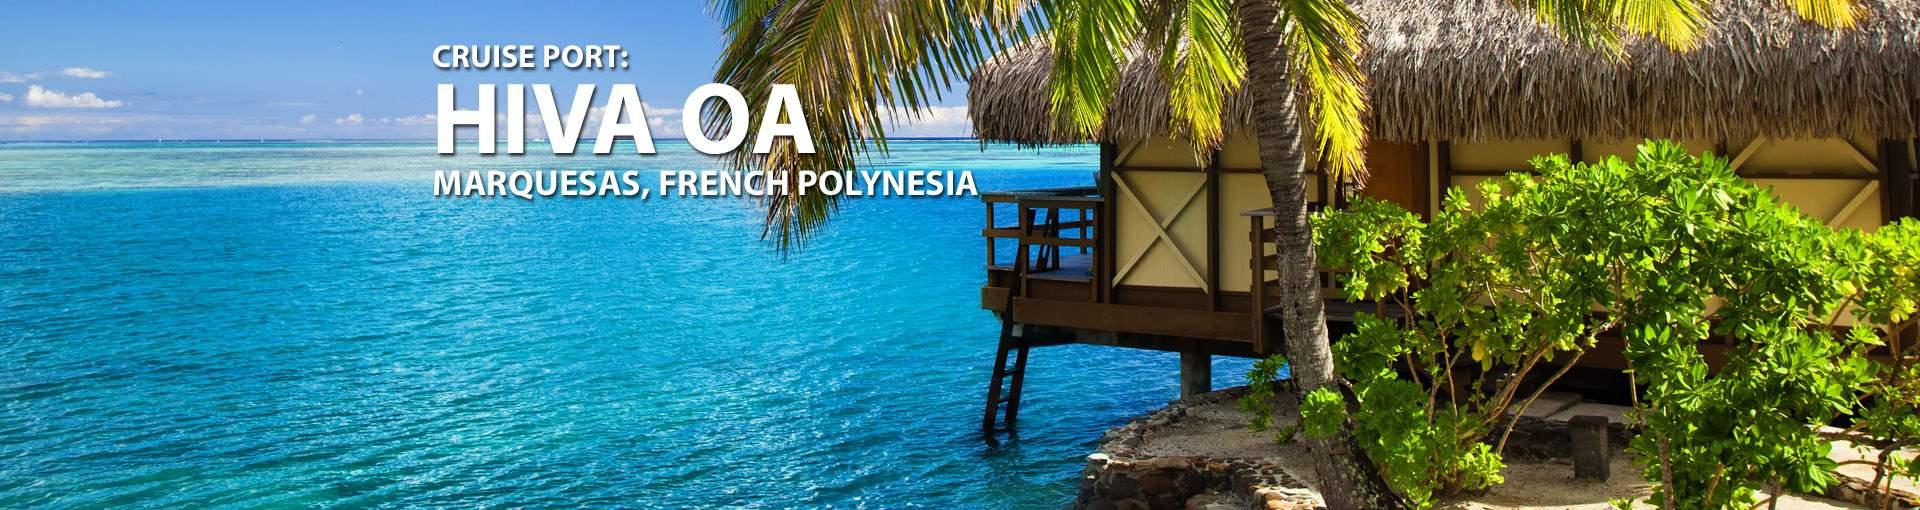 Cruises to Hiva Oa, Marquesas, French Polynesia